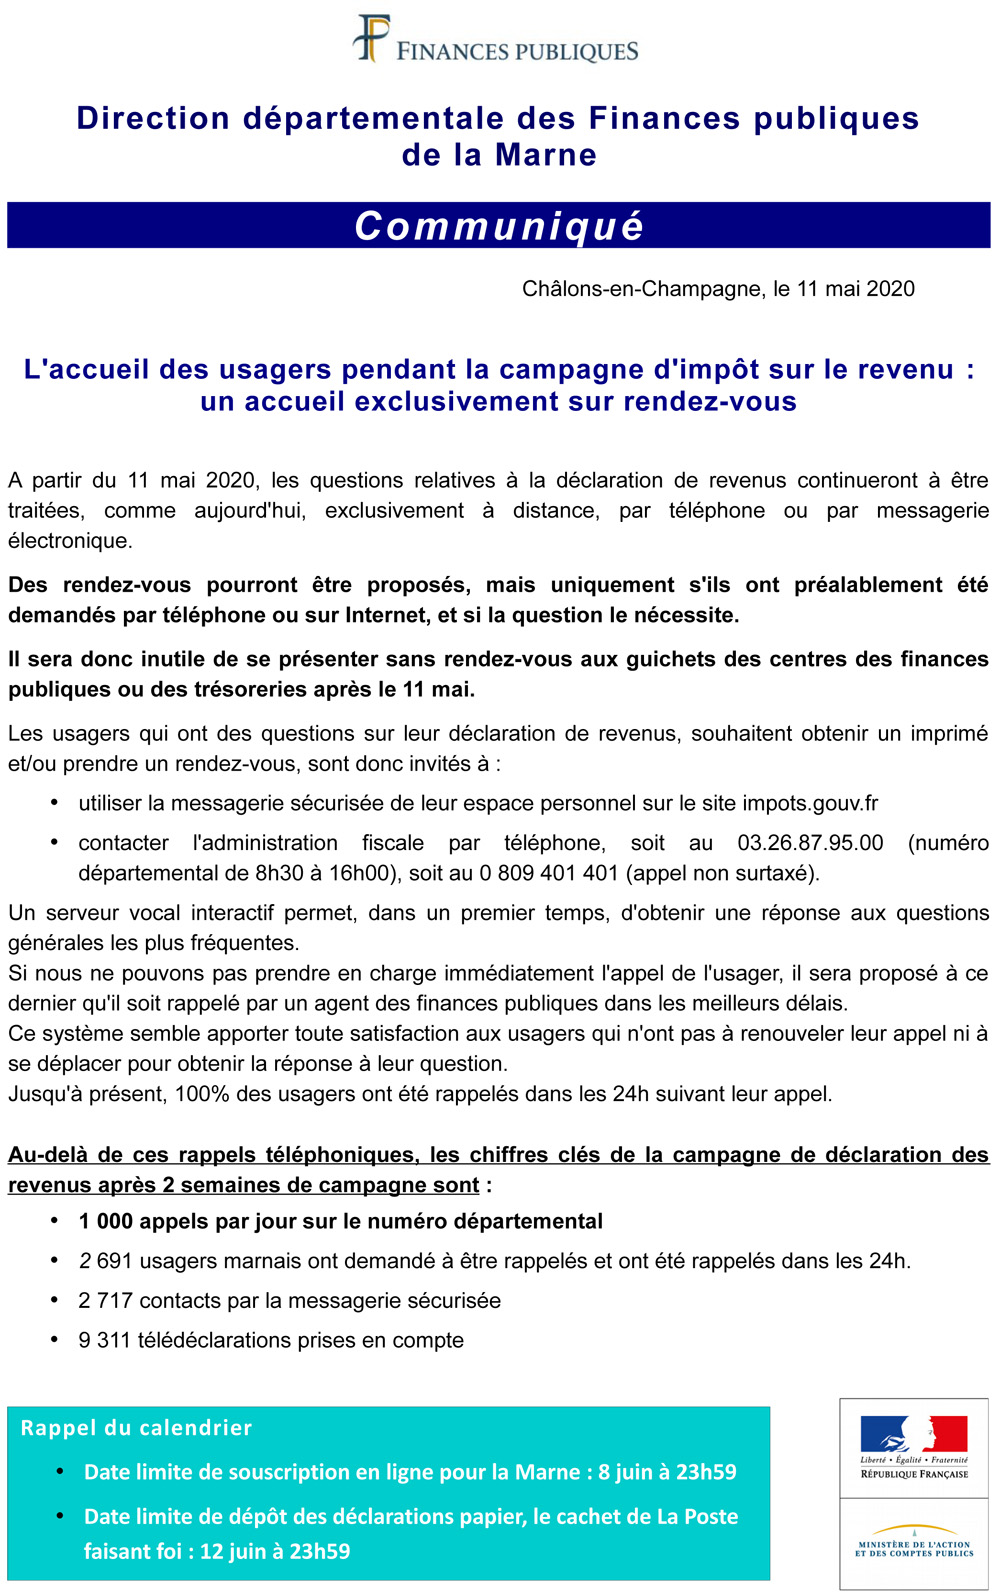 Accueil des usagers pendant la campagne Impôt sur le revenu - Communiqué DDFiP de la Marne 11-05-2020